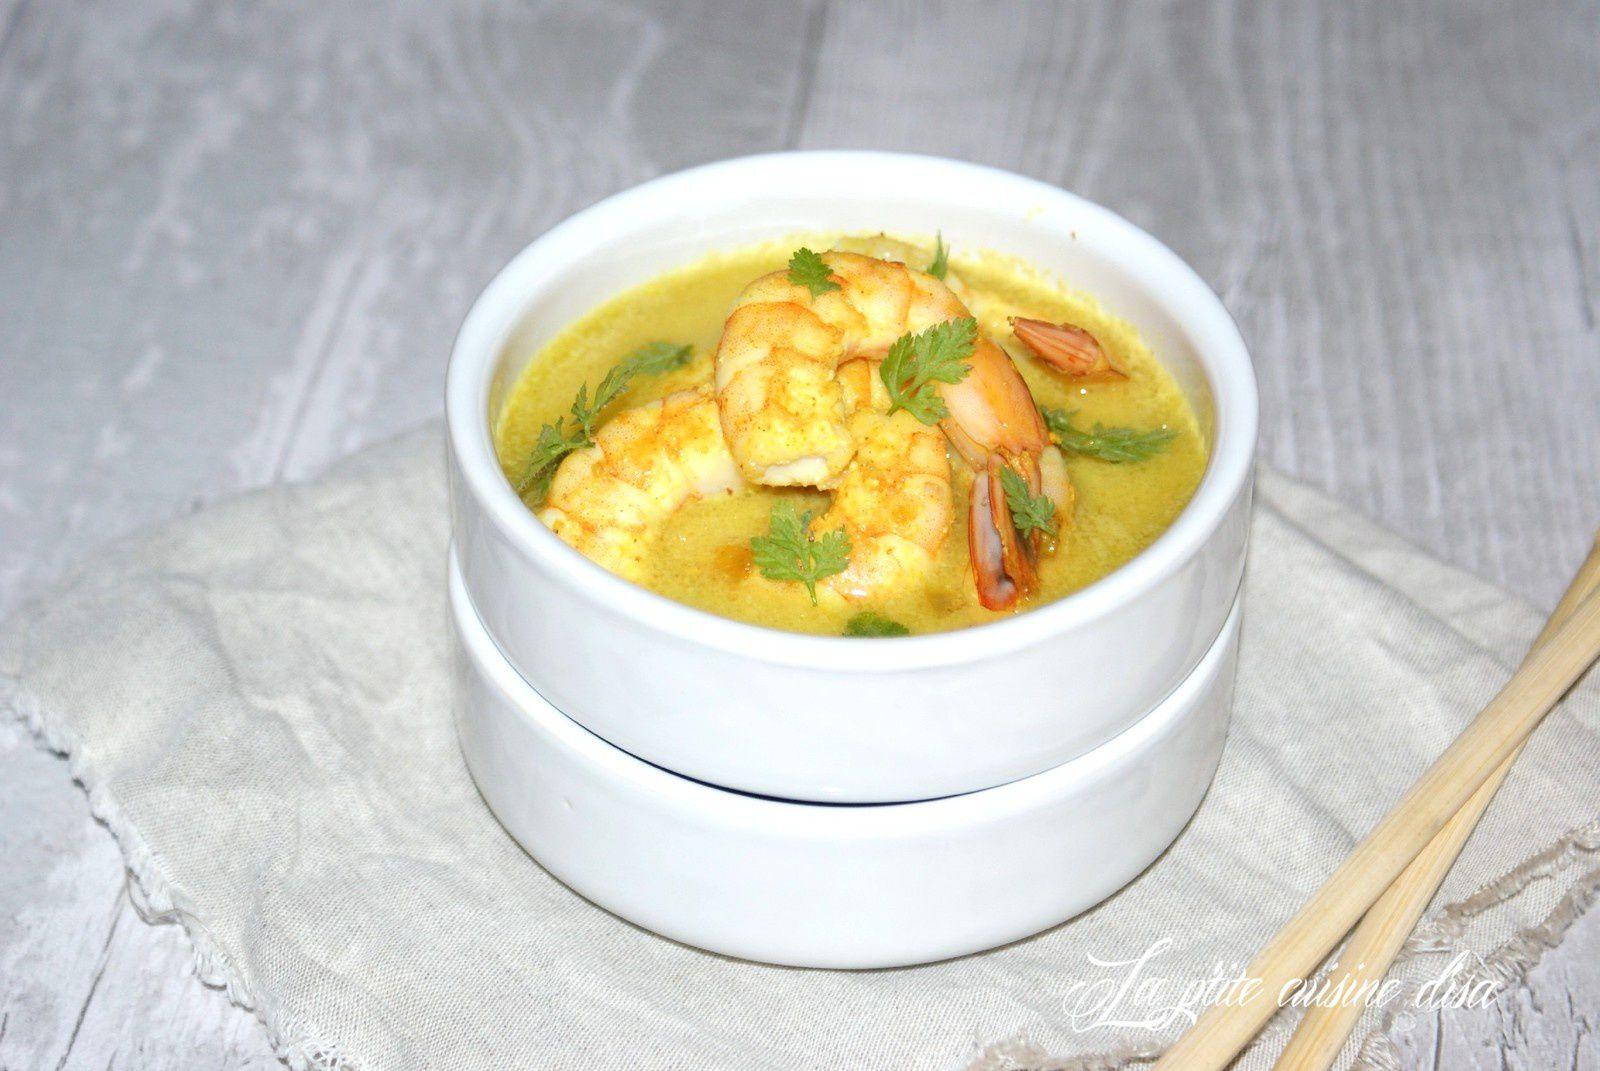 Crevettes au curry et lait de coco